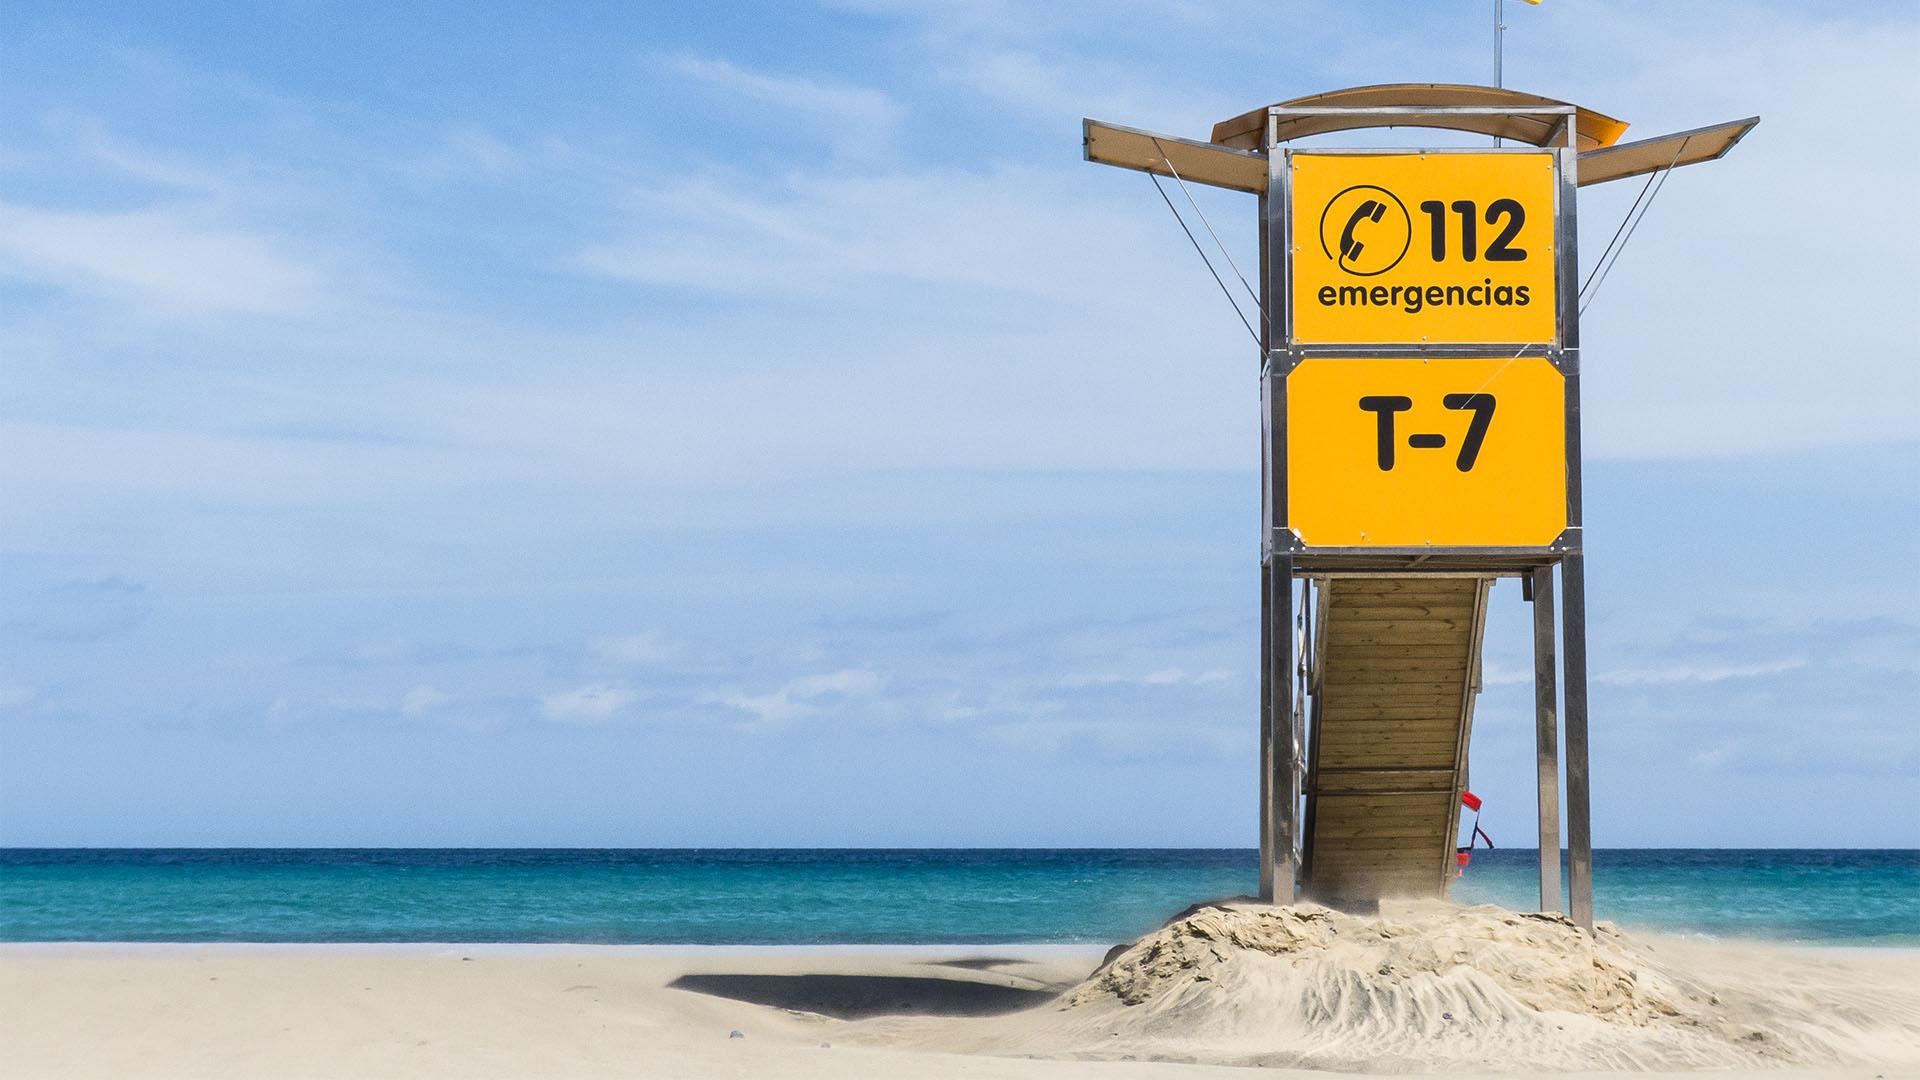 Sicherheit Fuerteventura –Kriminalität, Sicherheit, Polizei, Guardia Civil und andere Institutionen.